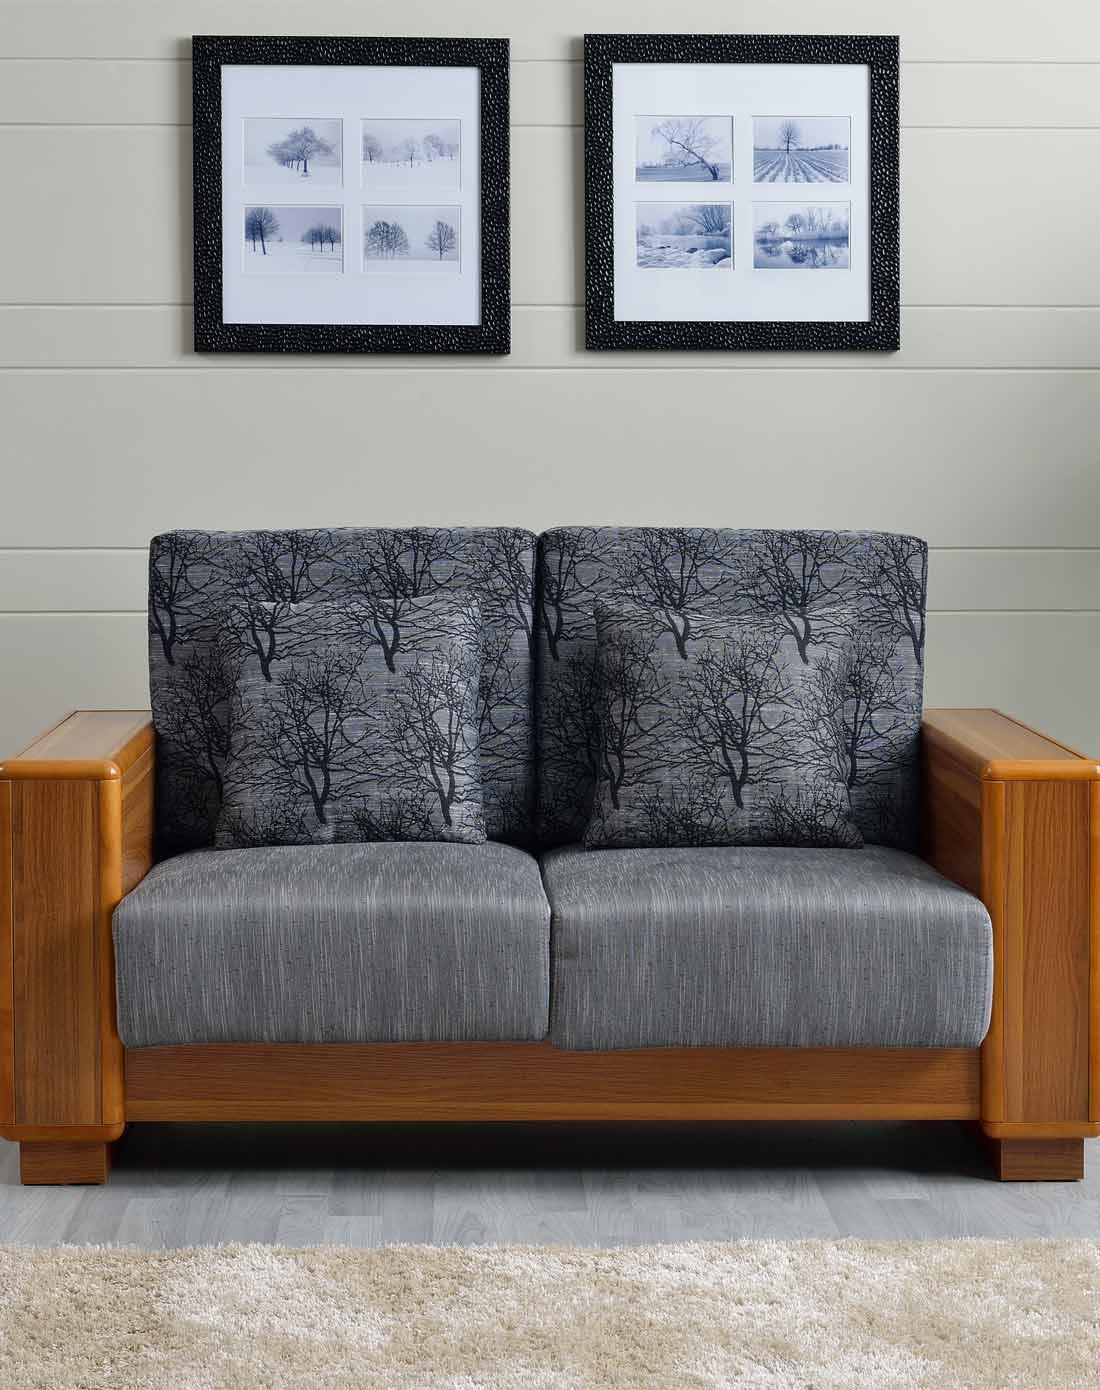 精品橡木 客厅经典 休闲布艺沙发 双人位